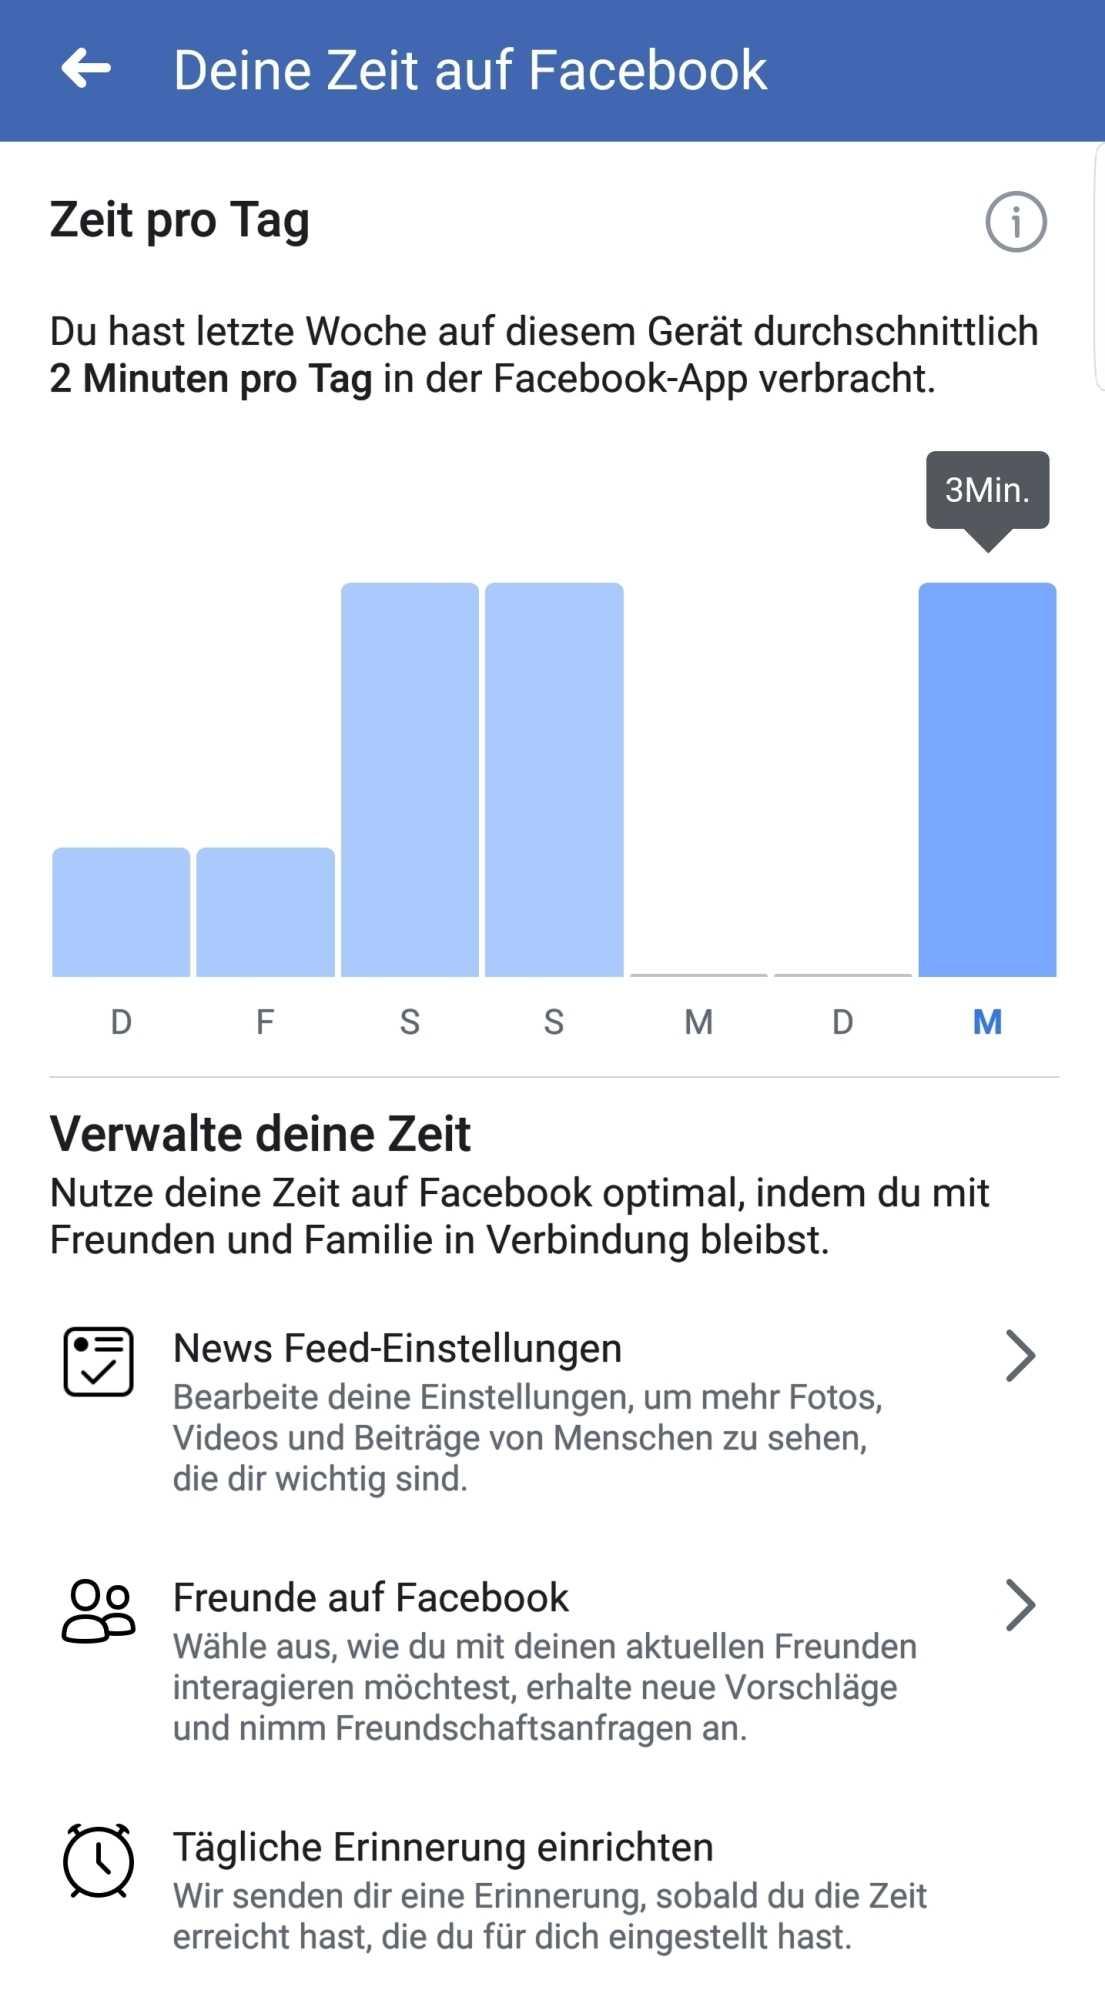 Vorbildlich: Nur 2 Minuten pro Tag in der Facebook-App verbracht!